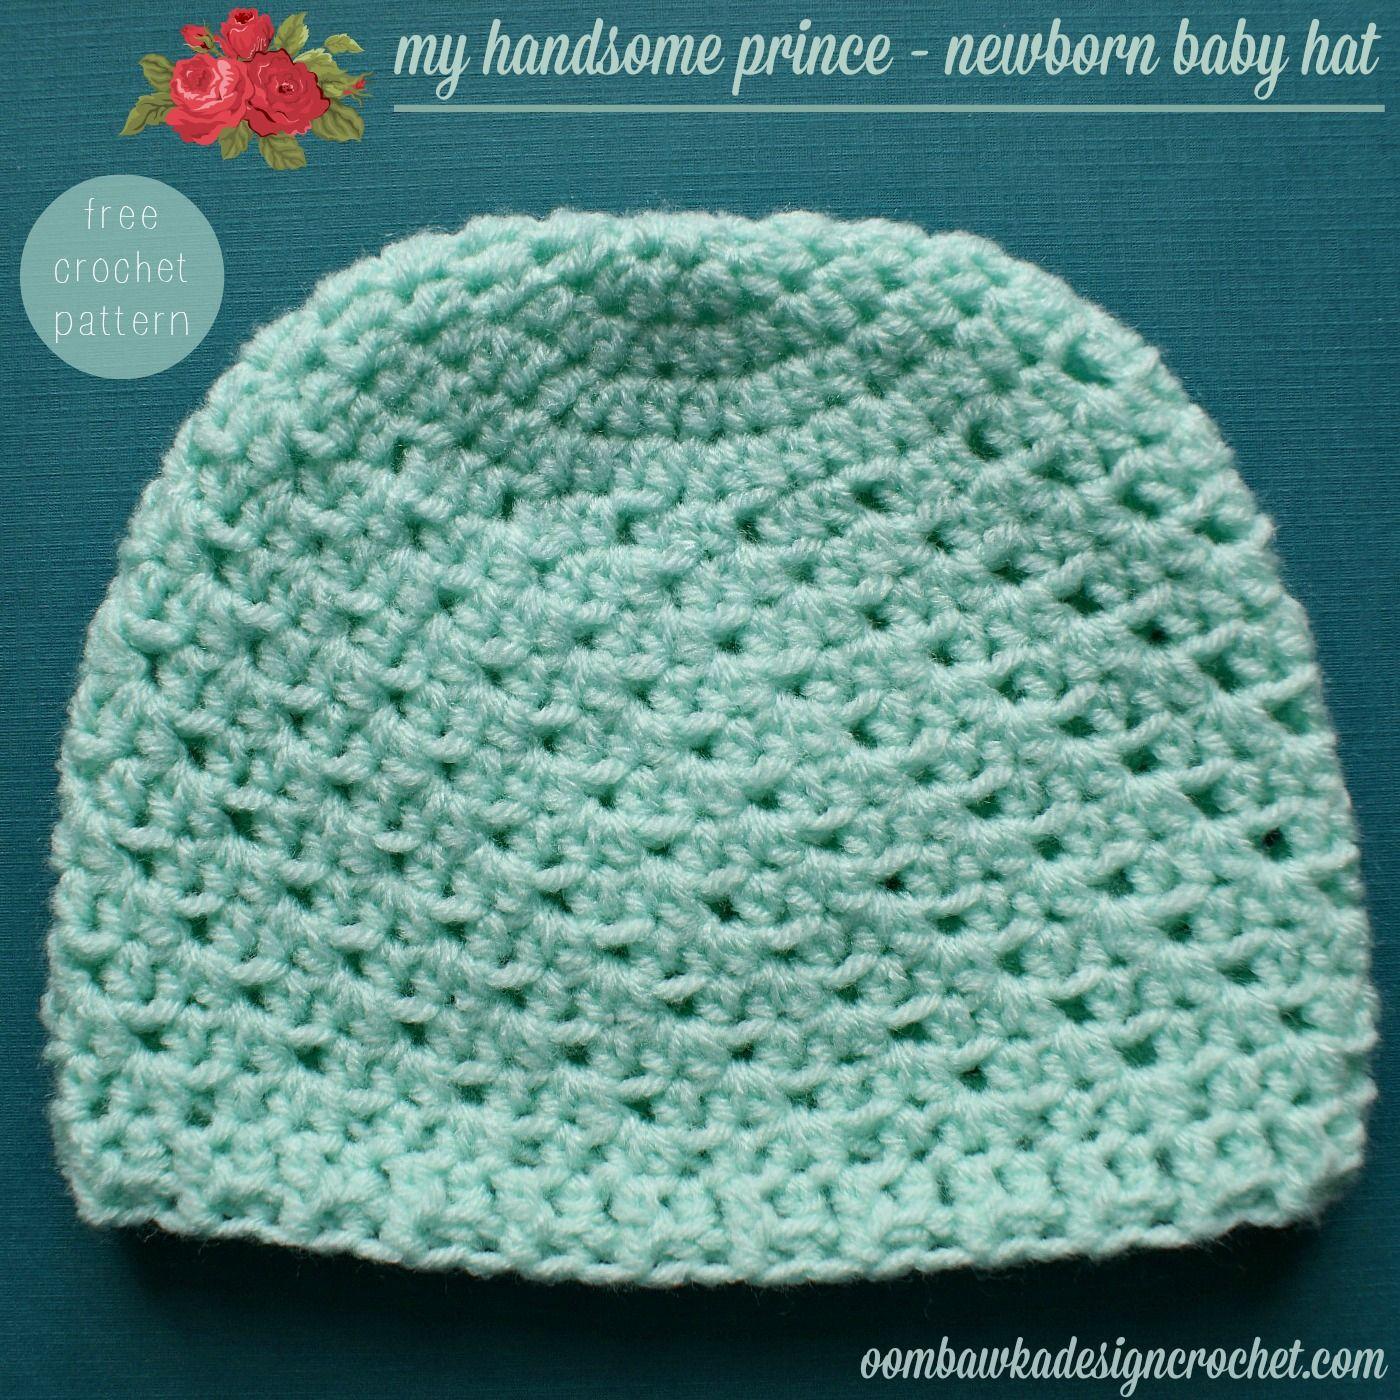 My Handsome Prince Newborn Baby Hat Pattern Crafts Crochet